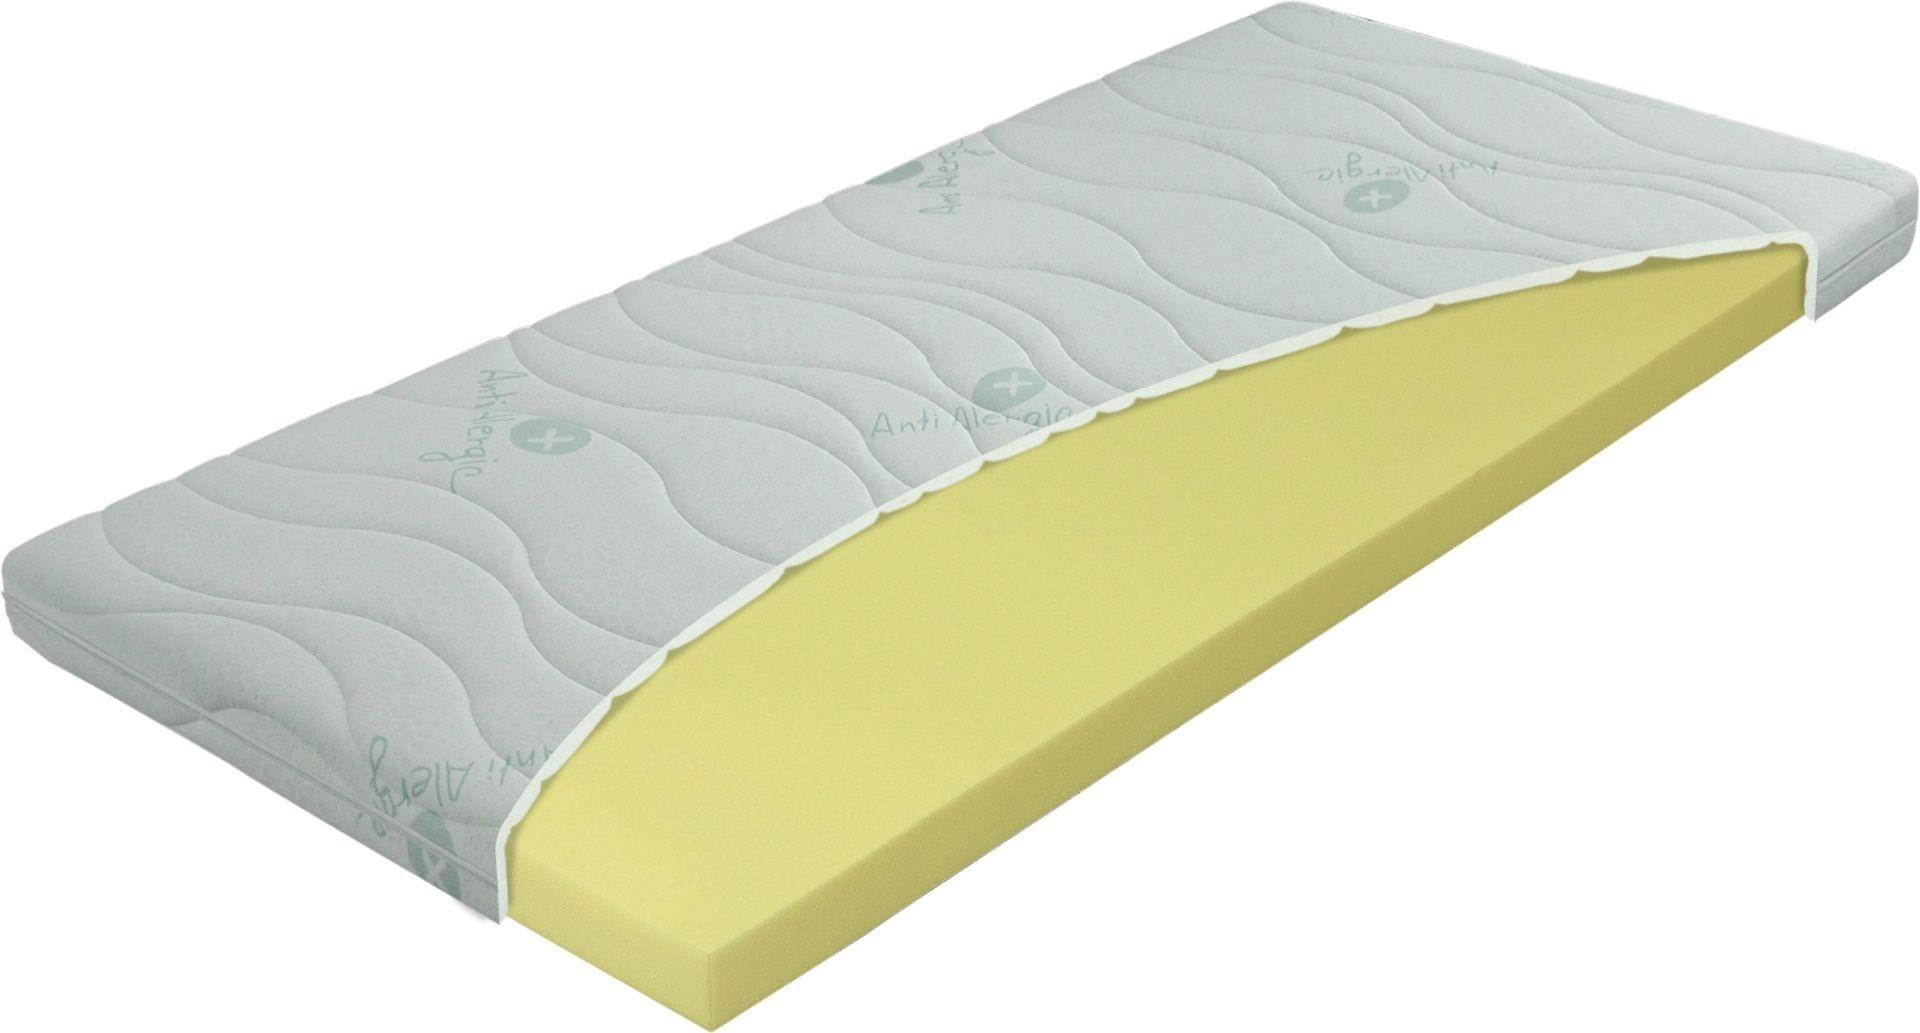 Materasso PŘISTÝLKA VISCO 8 cm - topper z líné pěny, snímatelný potah